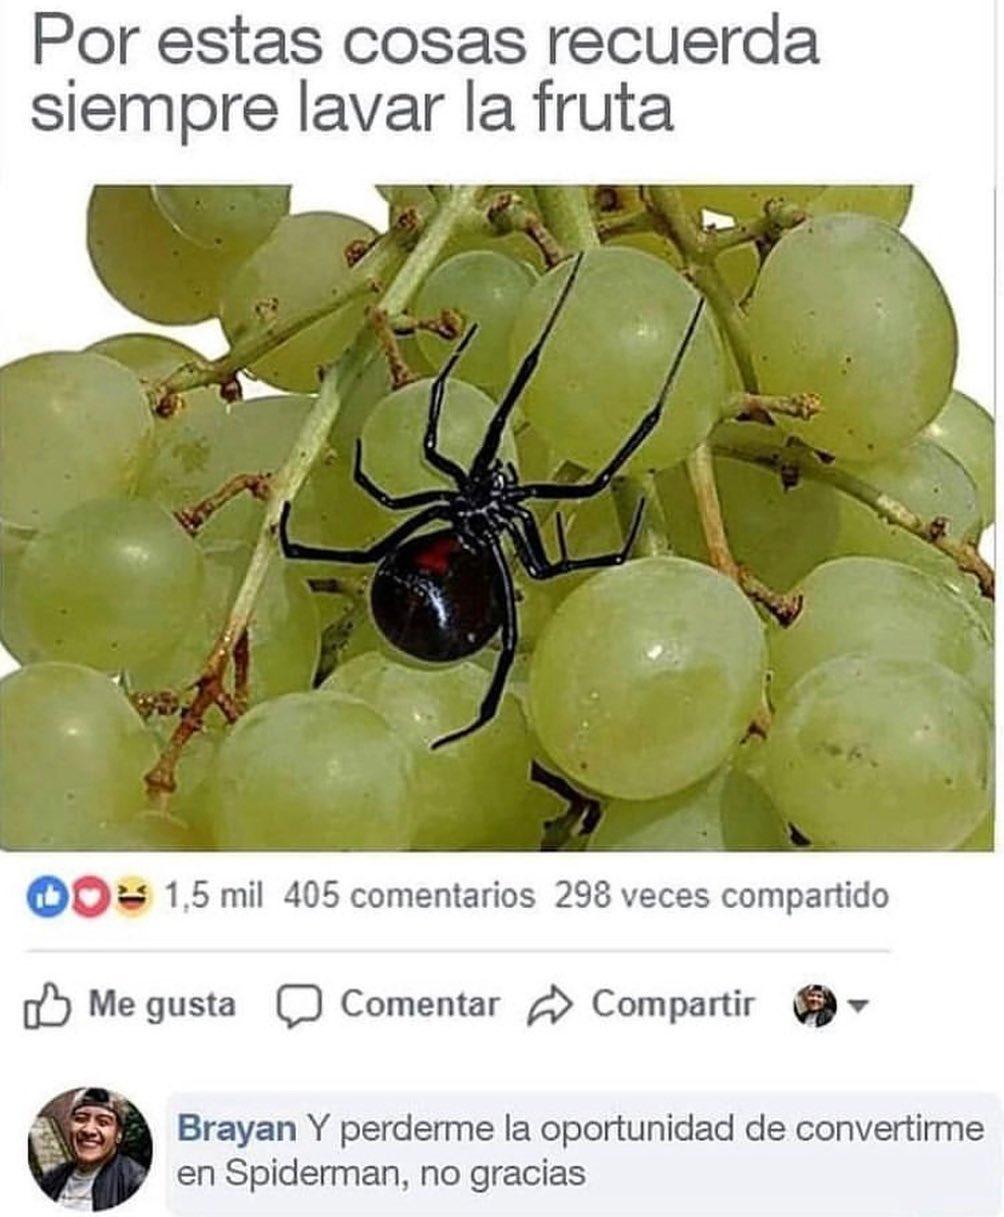 Por estas cosas recuerda siempre lavar la fruta.  Brayan: Y perderme la oportunidad de convertirme en Spiderman, no gracias.